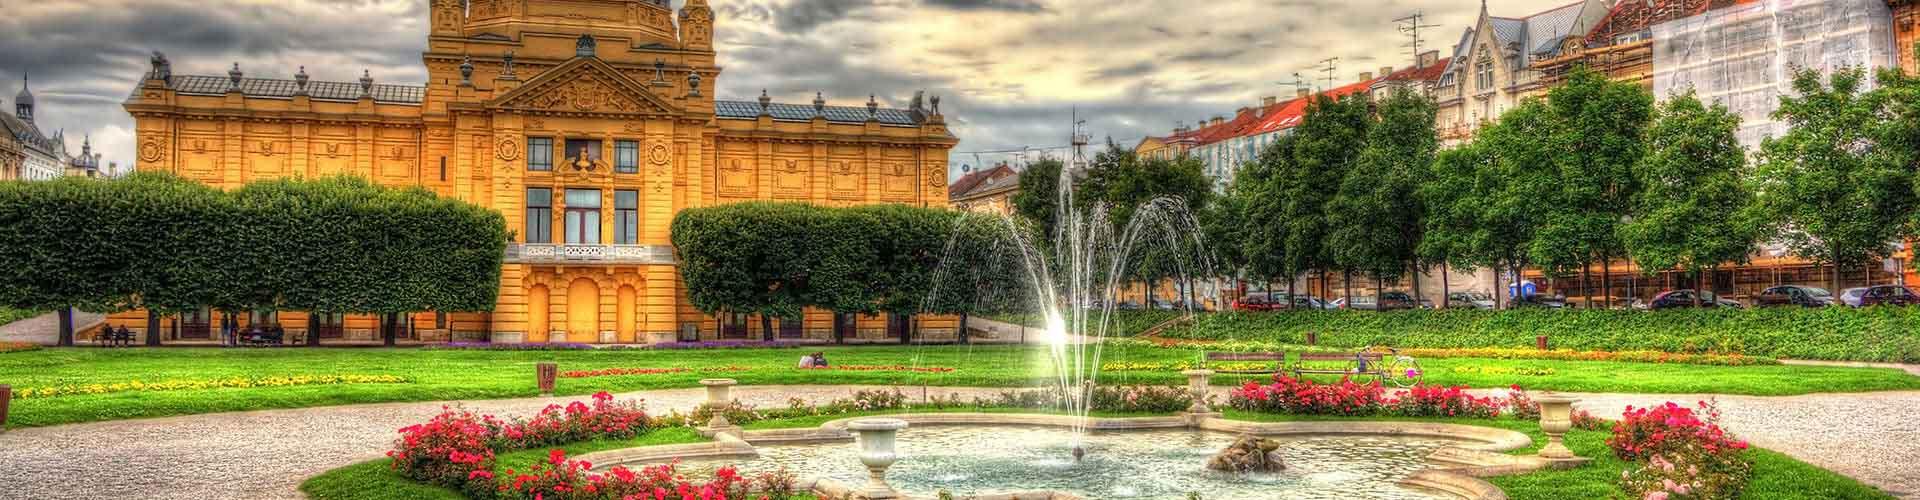 Zagreb - Chambres à Zagreb. Cartes pour Zagreb, photos et commentaires pour chaque chambre à Zagreb.